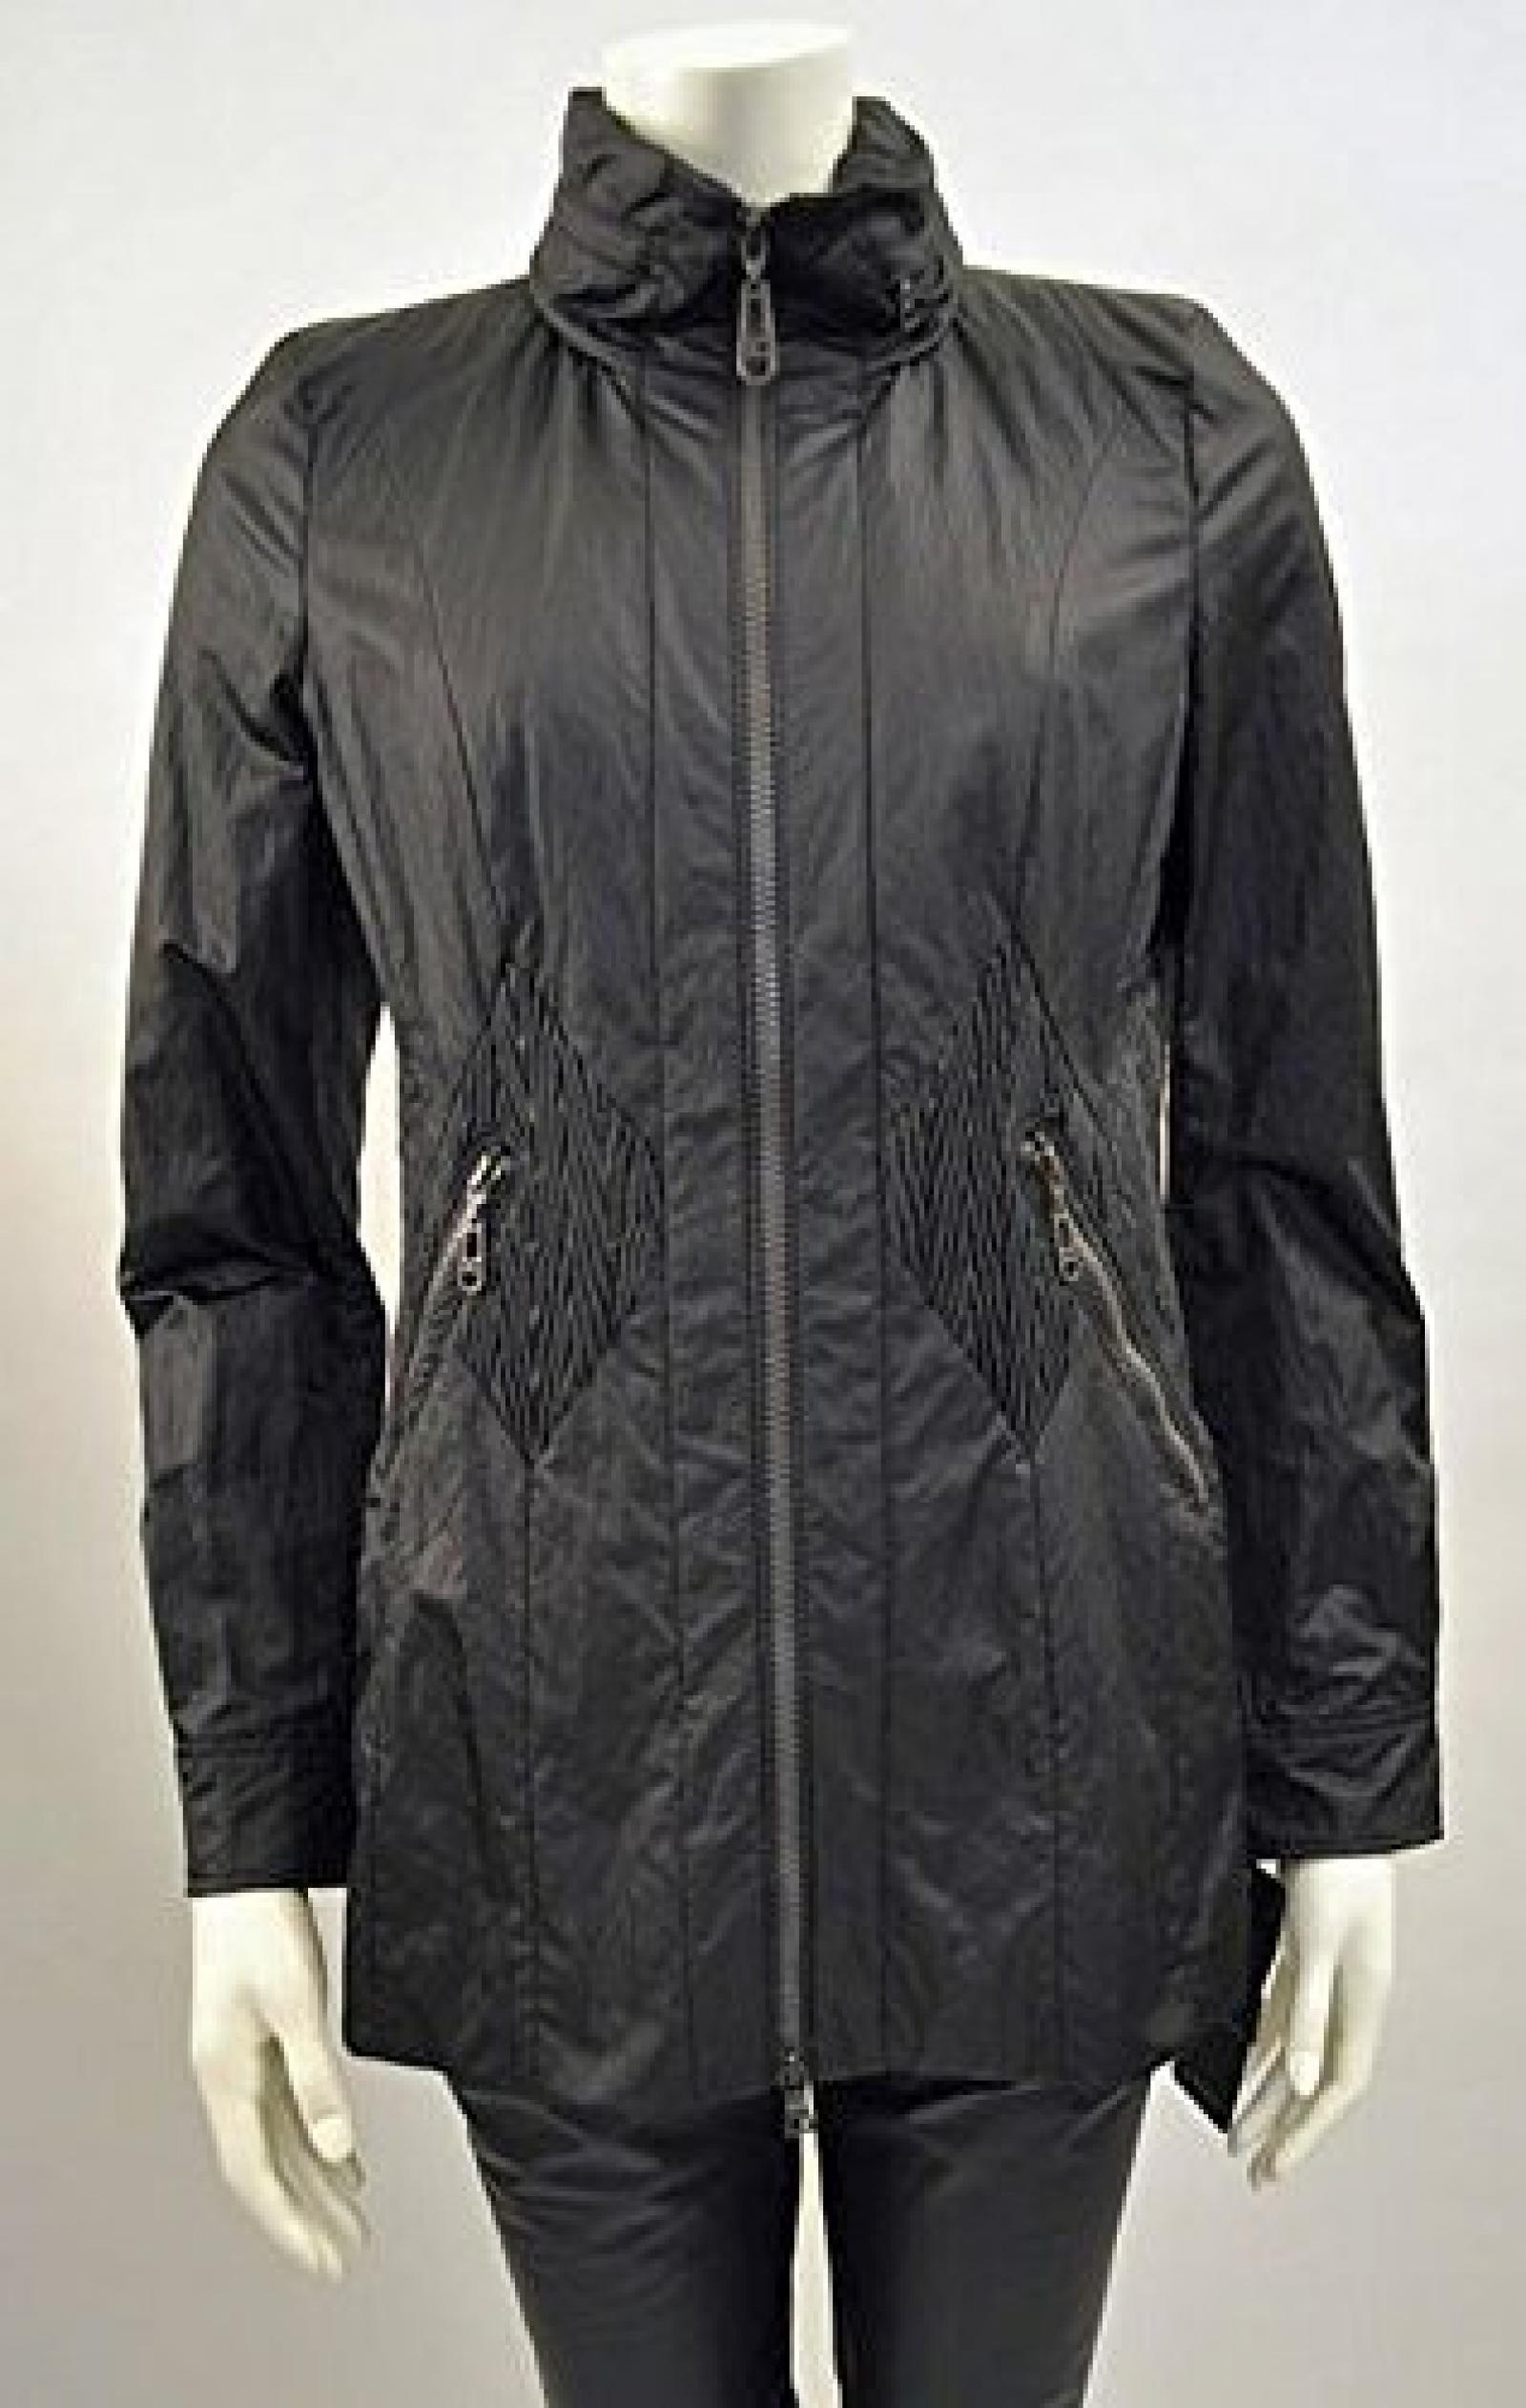 Creenstone Jacke mit Rautendetails Style 81.508.0 Schwarz